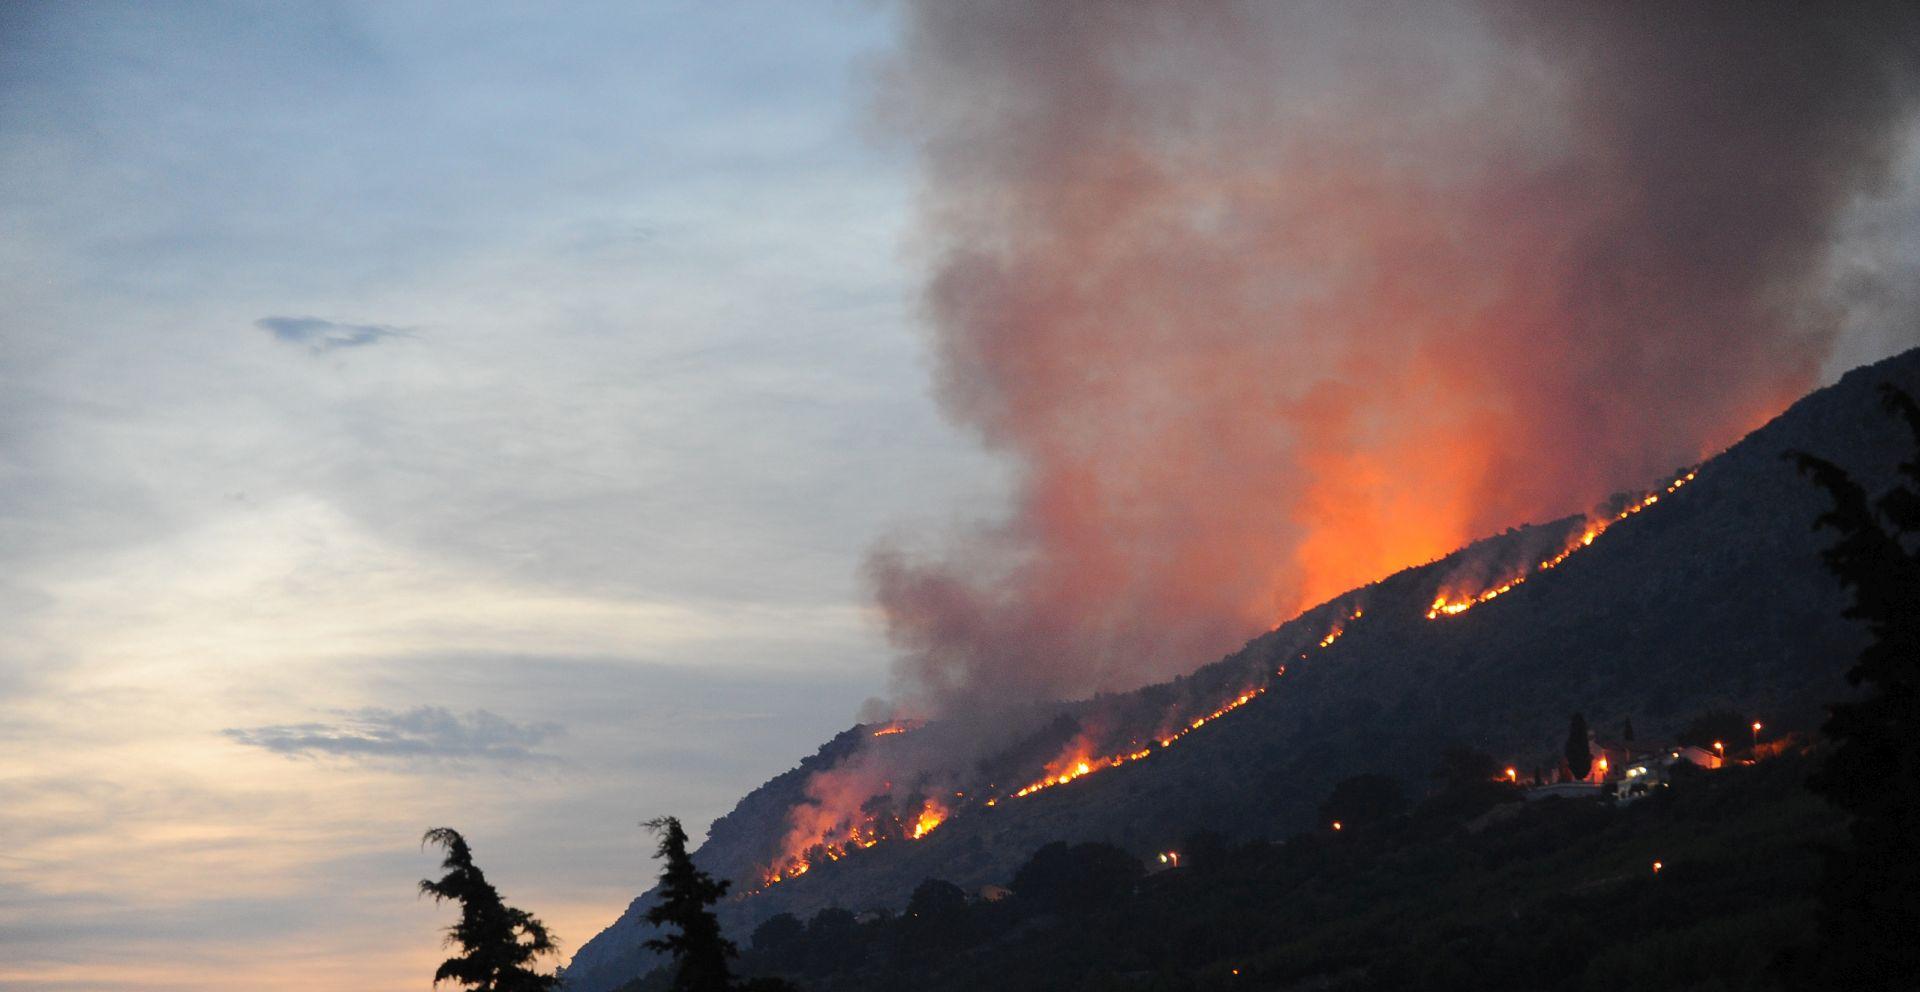 UGAŠEN POŽAR U ŠTEDRICI: Izgorjelo 80-tak hektara borove šume